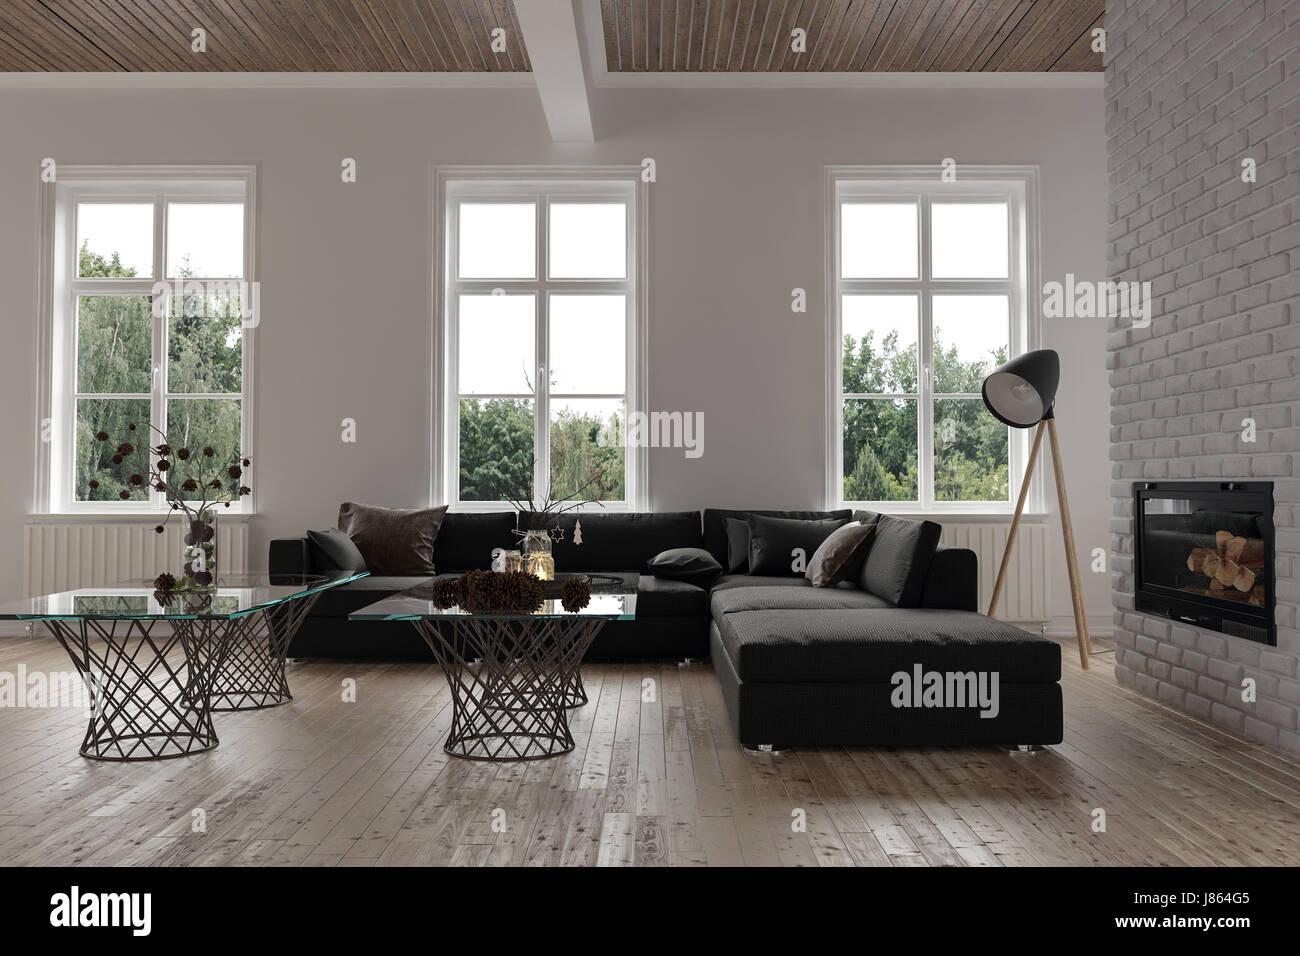 Fesselnd Gemütliche Sitzecke In Einem Modernen Wohnzimmer Interieur Mit Drei  Fenstern, Einem Großen Modulares Sofa, Lampe Und Glas Couchtische Vor Eine  Schornstein  ...